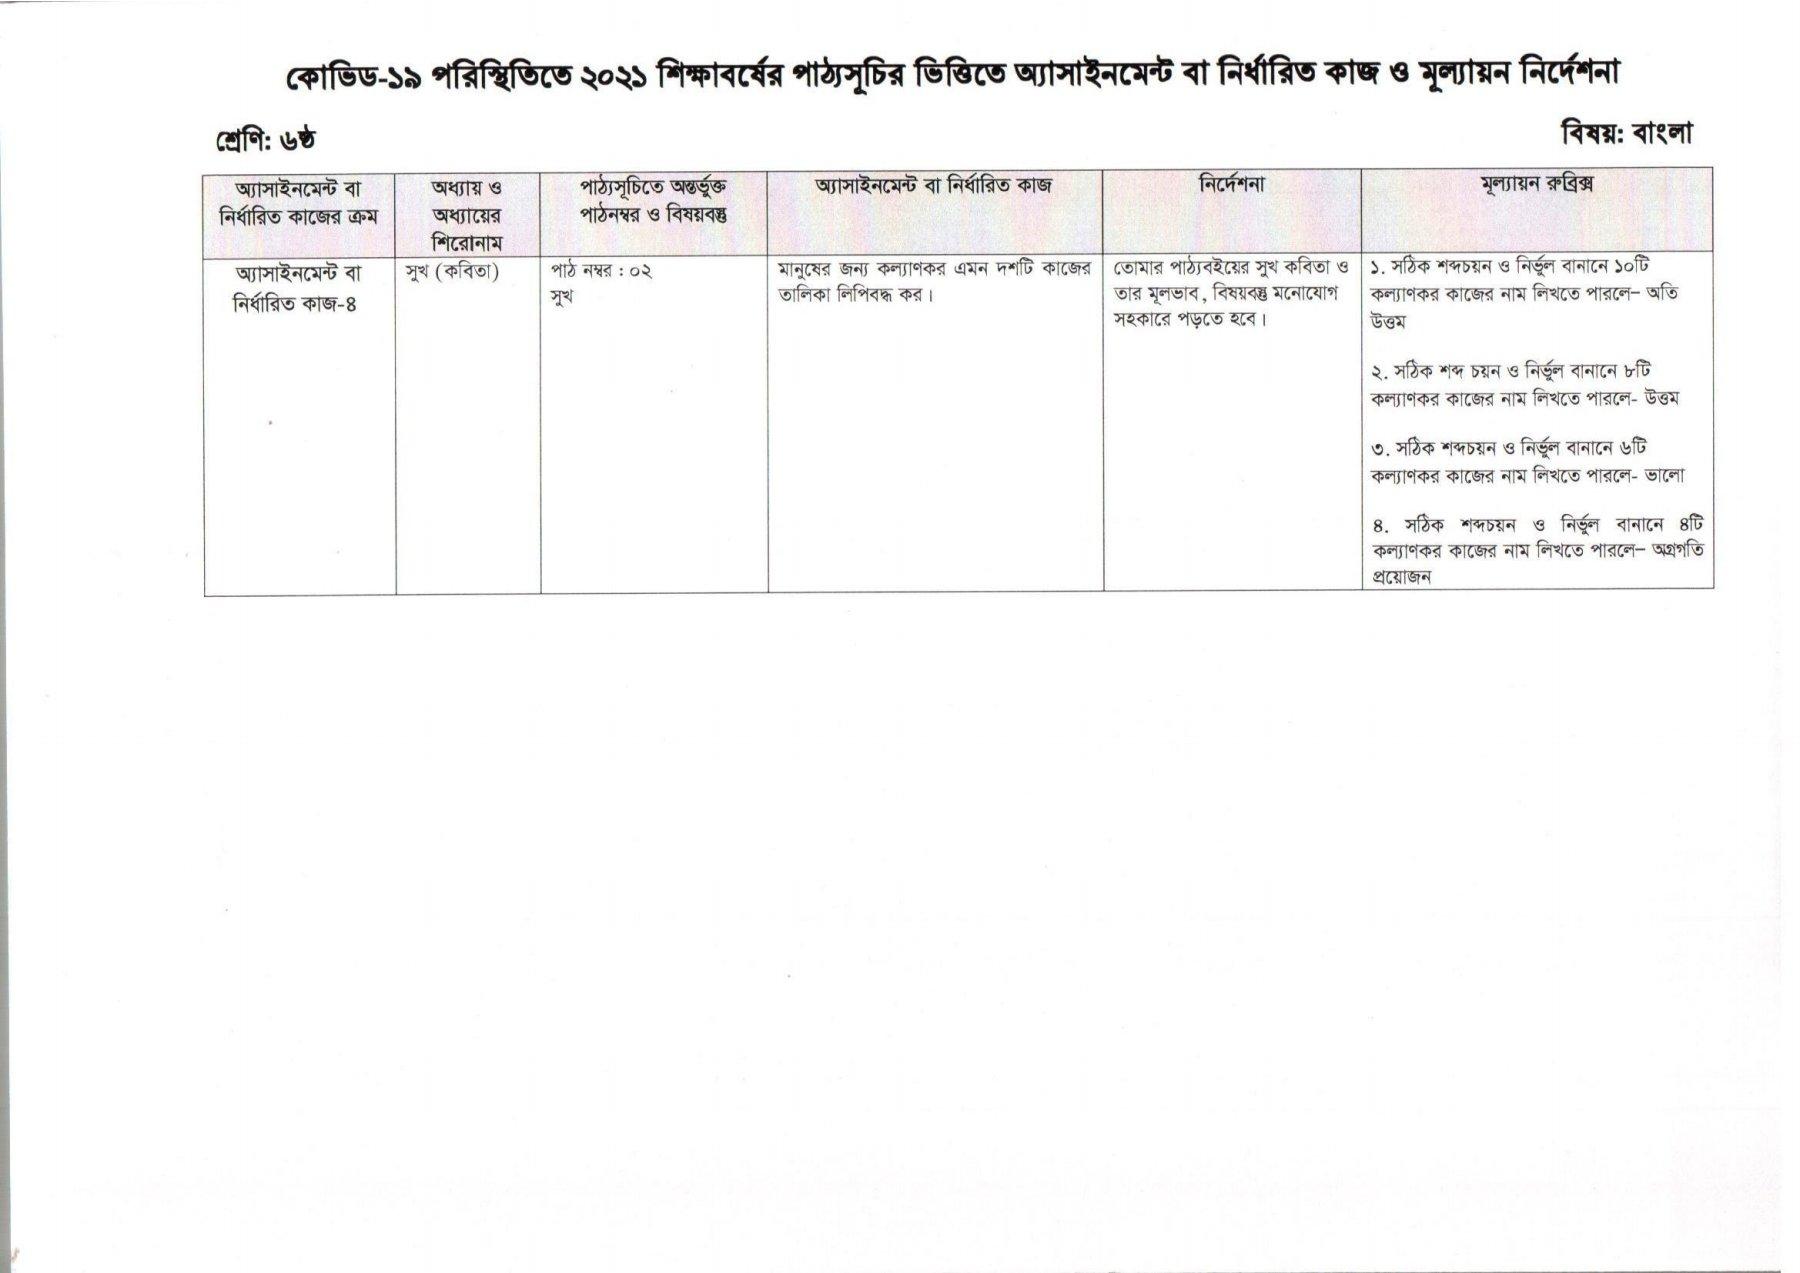 Class 8/Eight 13th Assignment Answer /Solution 2021 PDF   ৮ম/অষ্টম শ্রেণির/শ্রেণীর ১৩তম সপ্তাহের এসাইনমেন্ট সমাধান /উত্তর ২০২১  ৮ম শ্রেণির ১৩তম সপ্তাহের এসাইনমেন্ট ২০২১ উত্তর/সমাধান